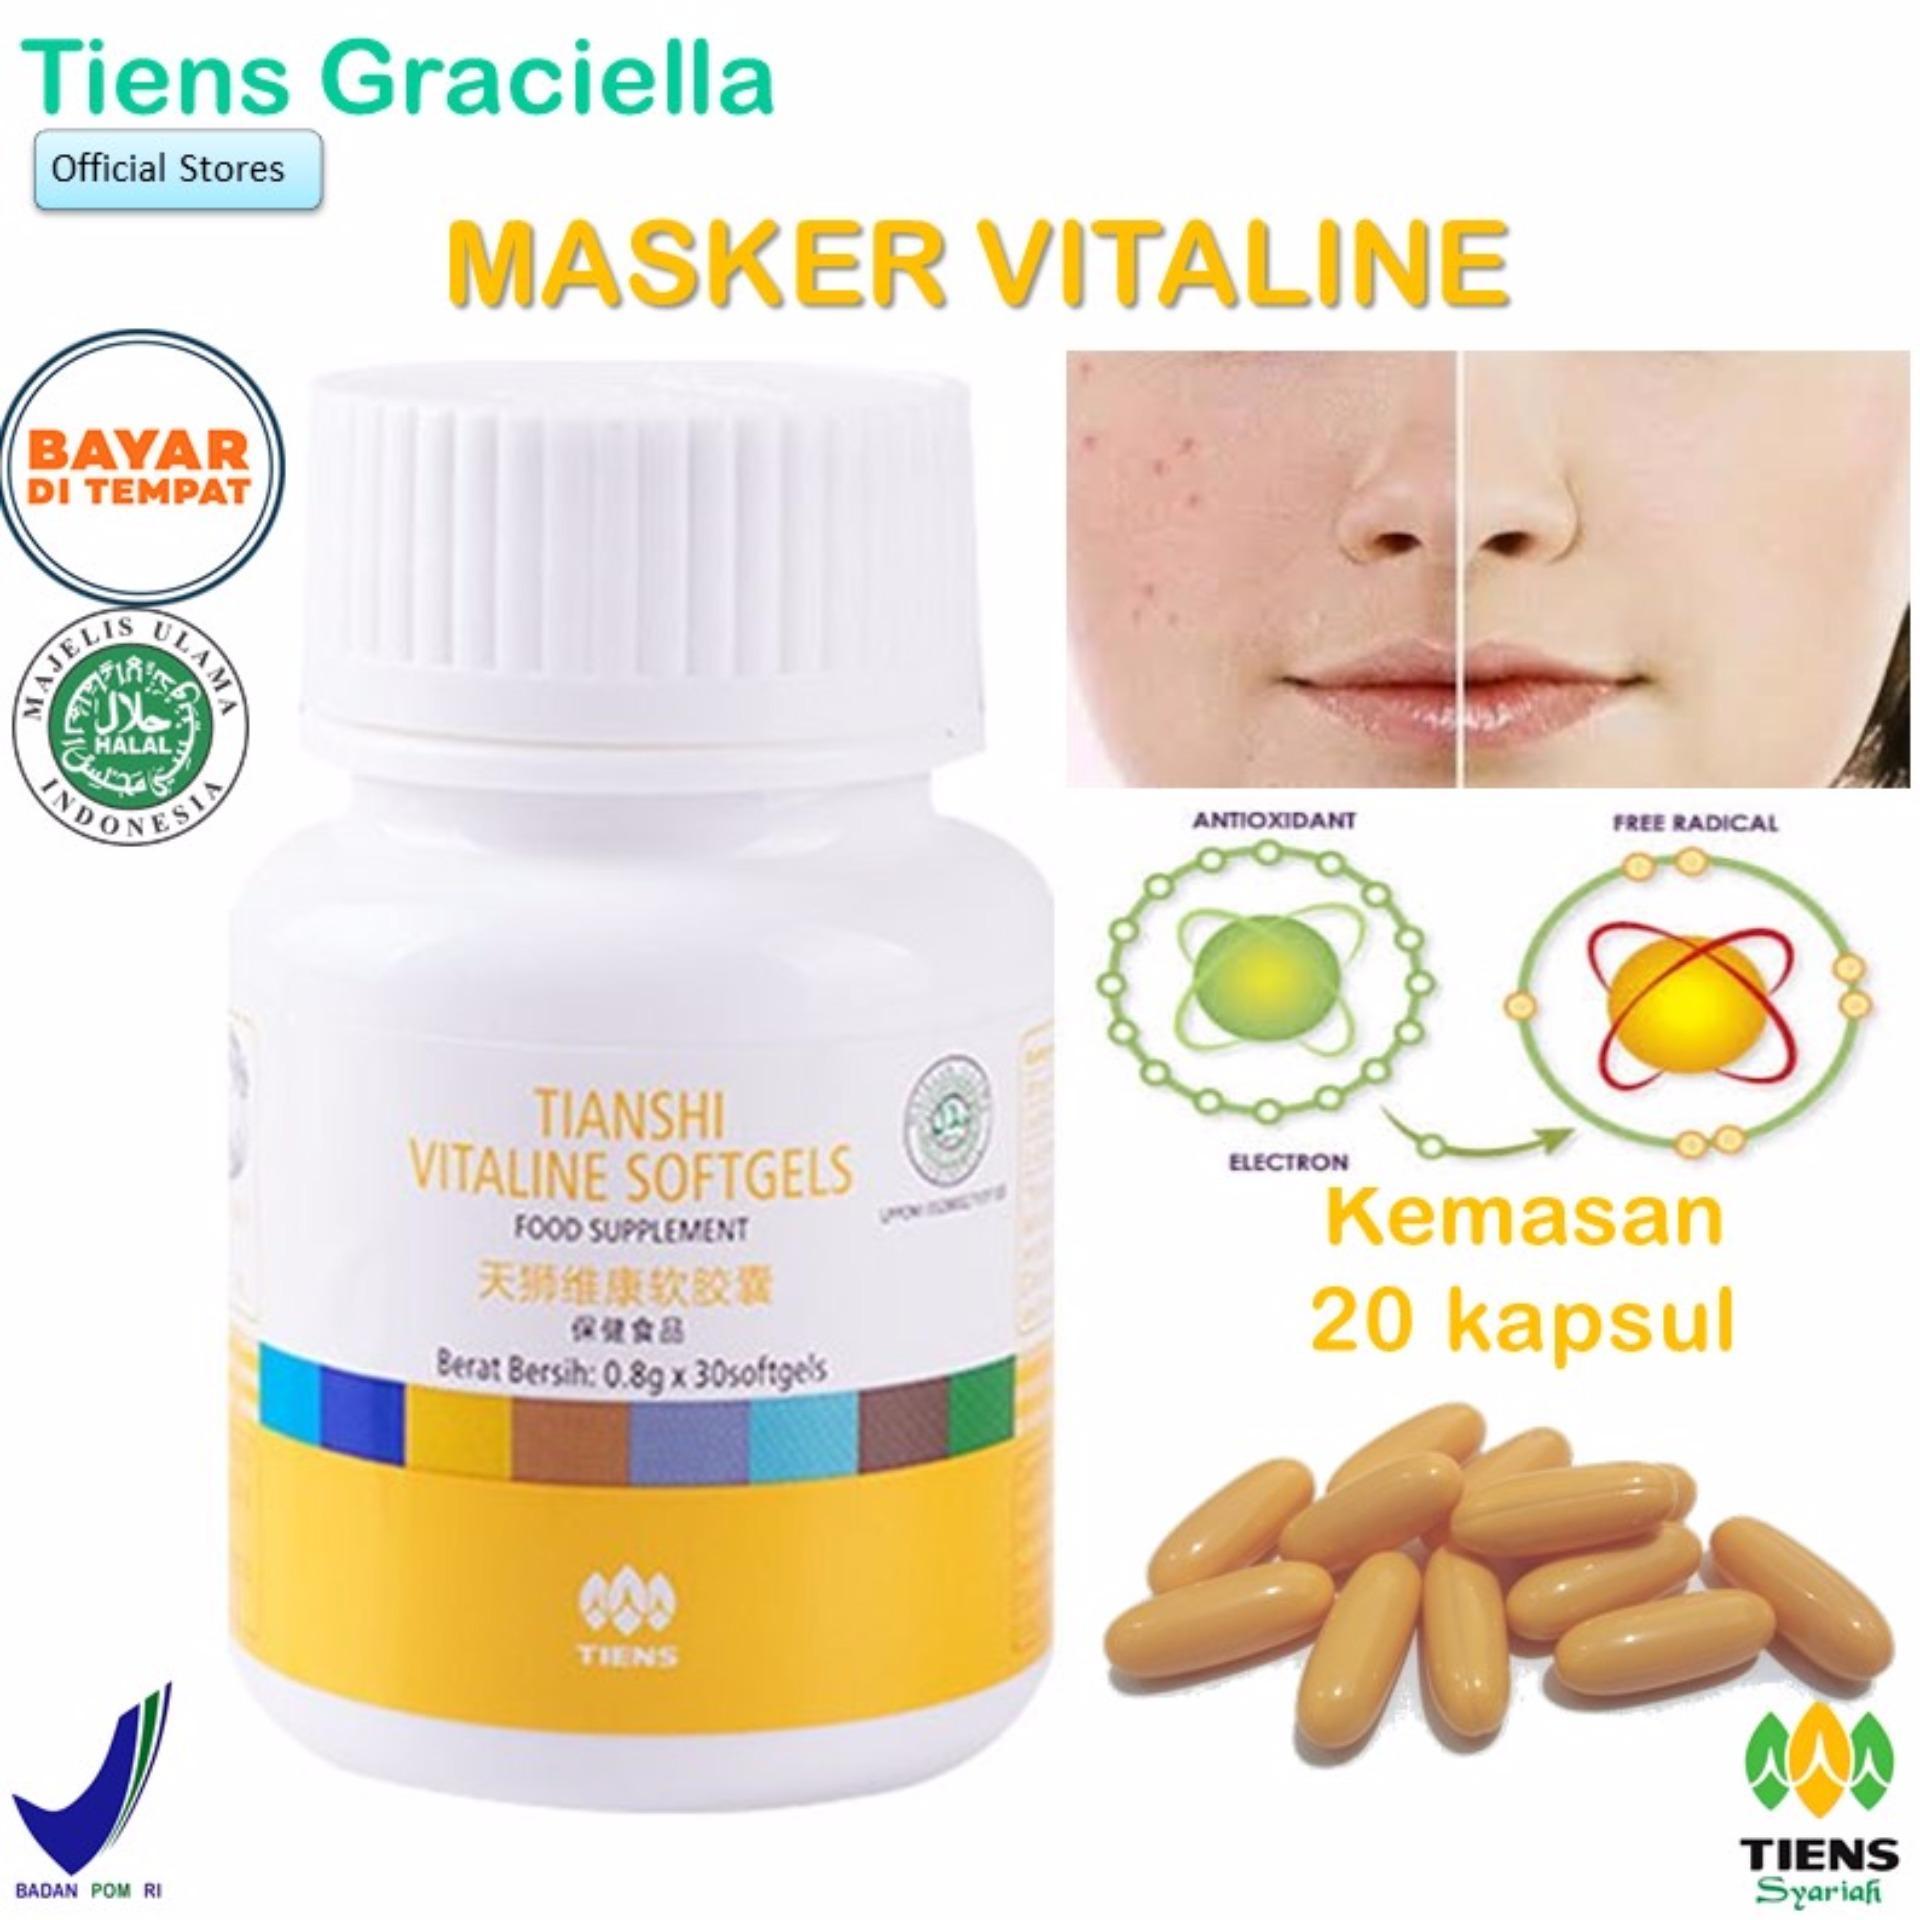 Toko Tiens Vitaline Vitamin E Pembersih Flek Jerawat Paket Promo Banting Harga 20 Softgel Gratis Kartu Diskon Tiens Graciella Online Di Indonesia